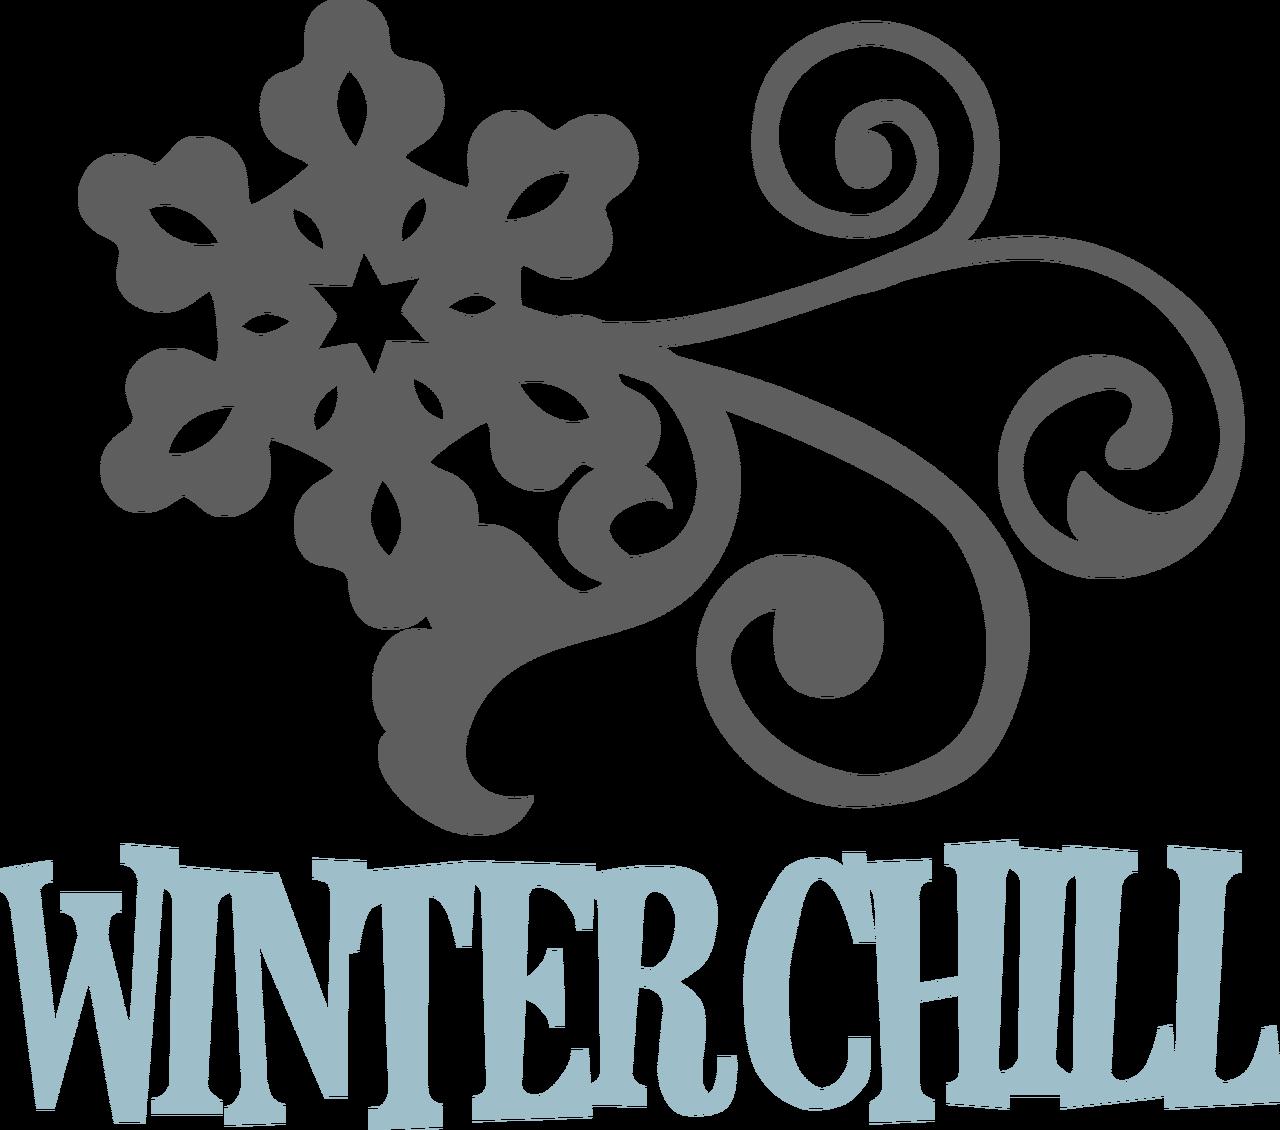 Winter Chill SVG Cut File